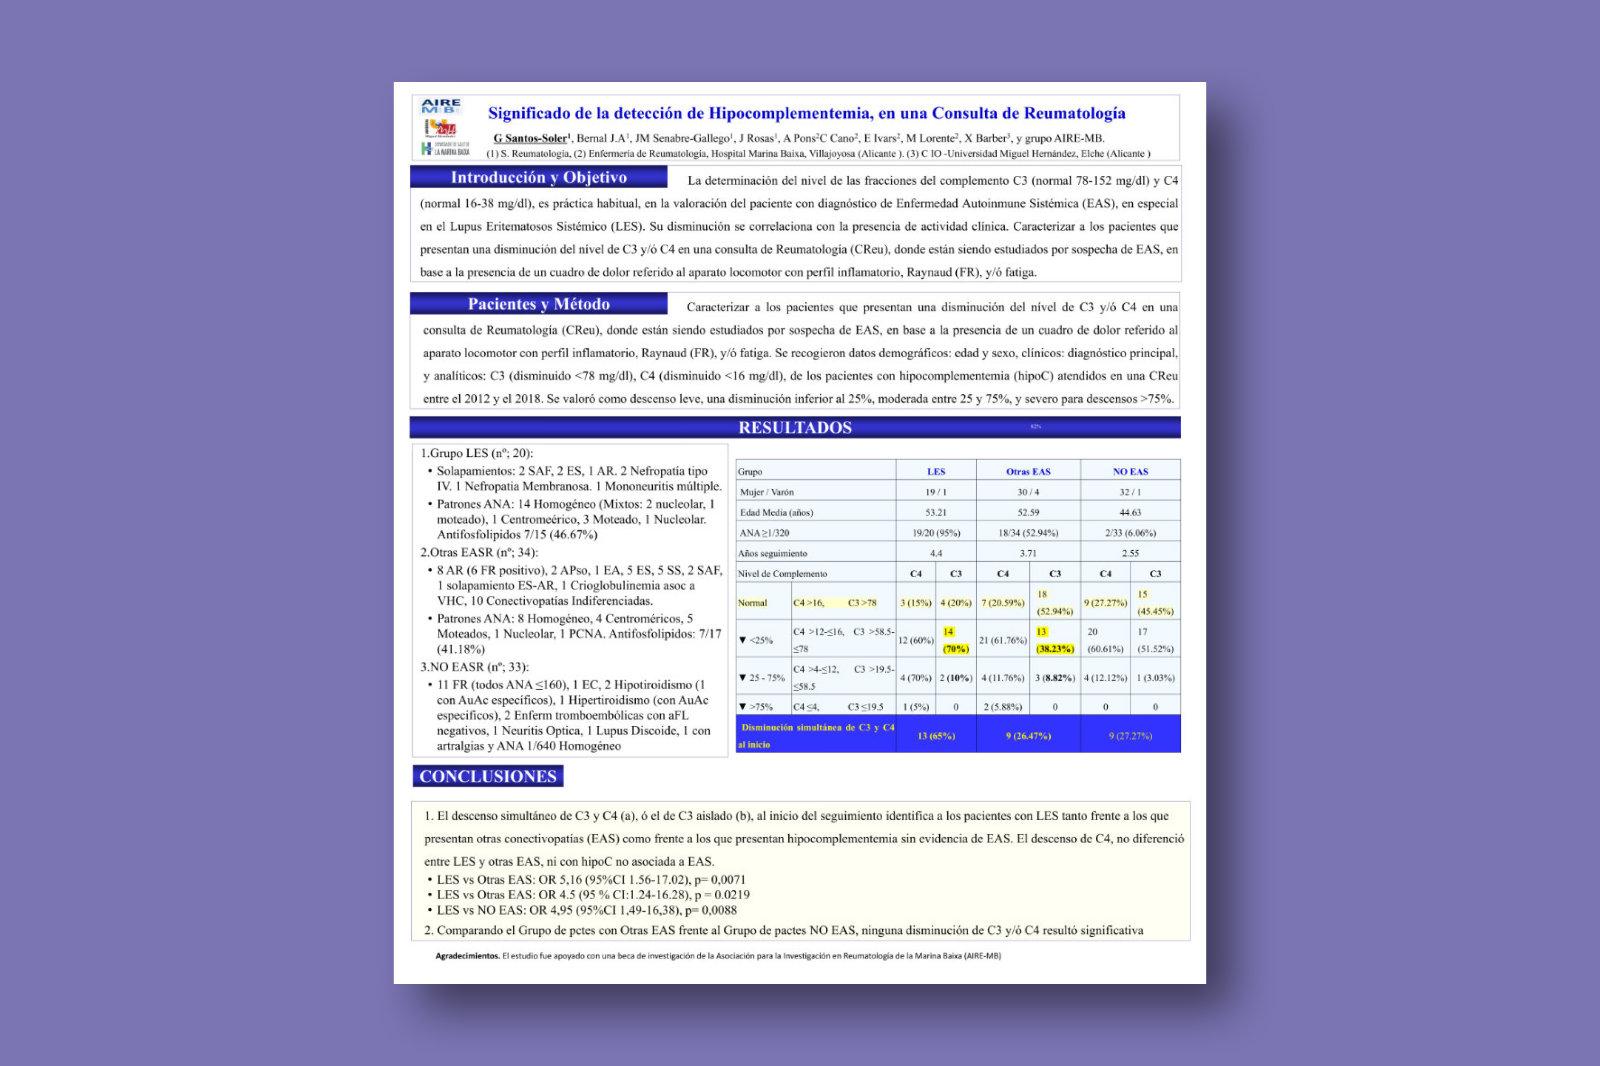 Significado de la detección de hipocomplementemia, en una consulta de reumatología